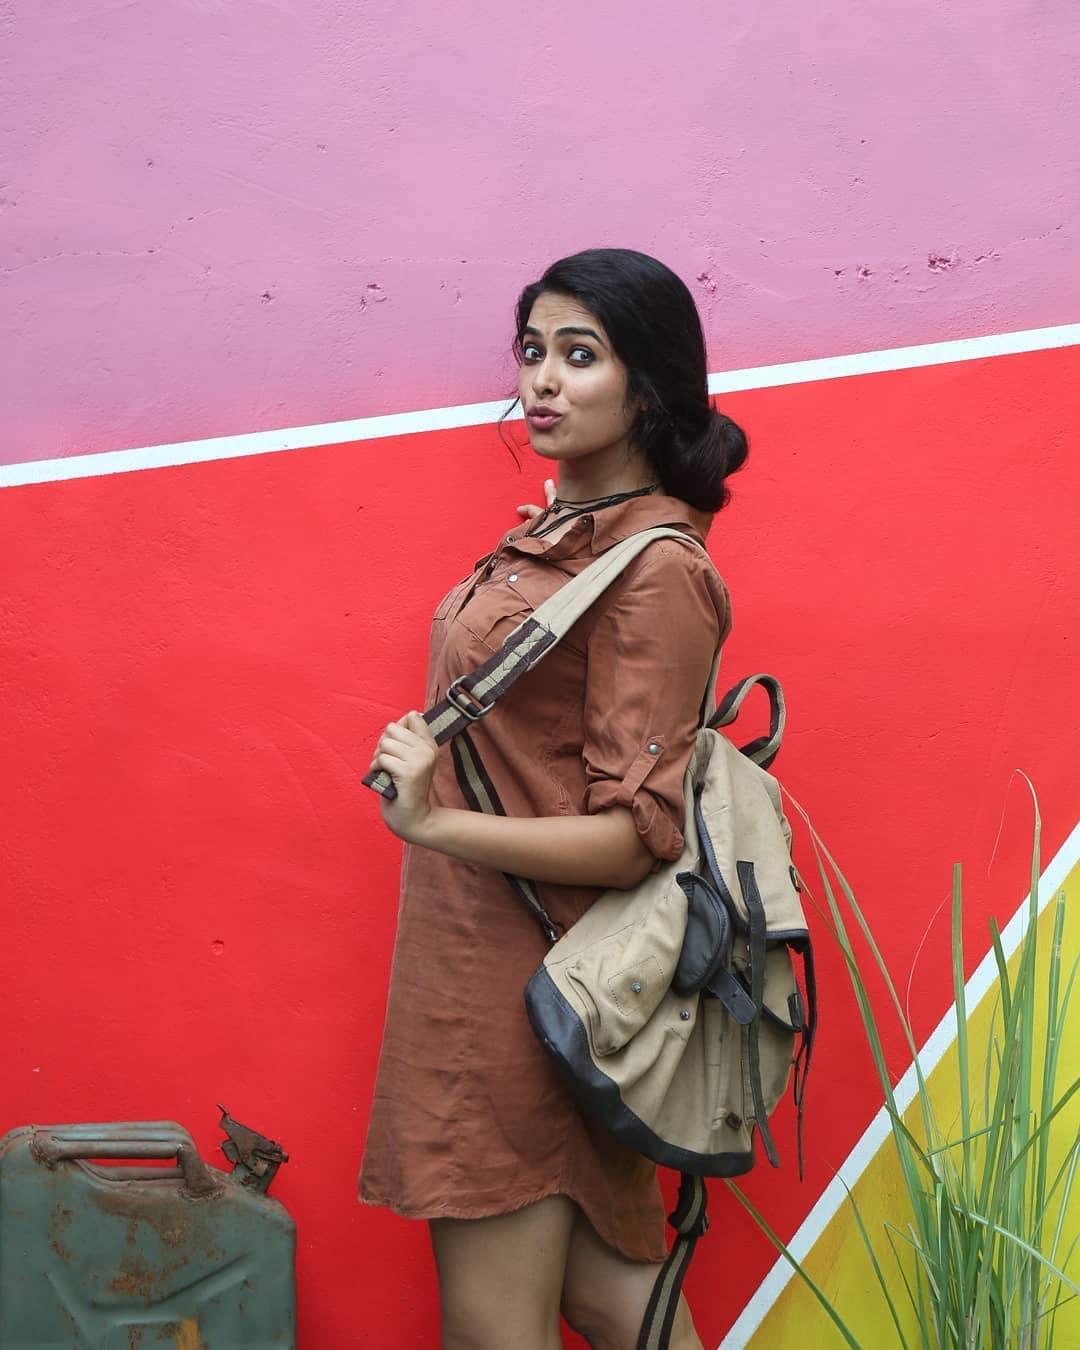 బిగ్ బాస్ 4 బ్యూటీ దివి వాద్త్యా (Divi Vadthya/Instagram